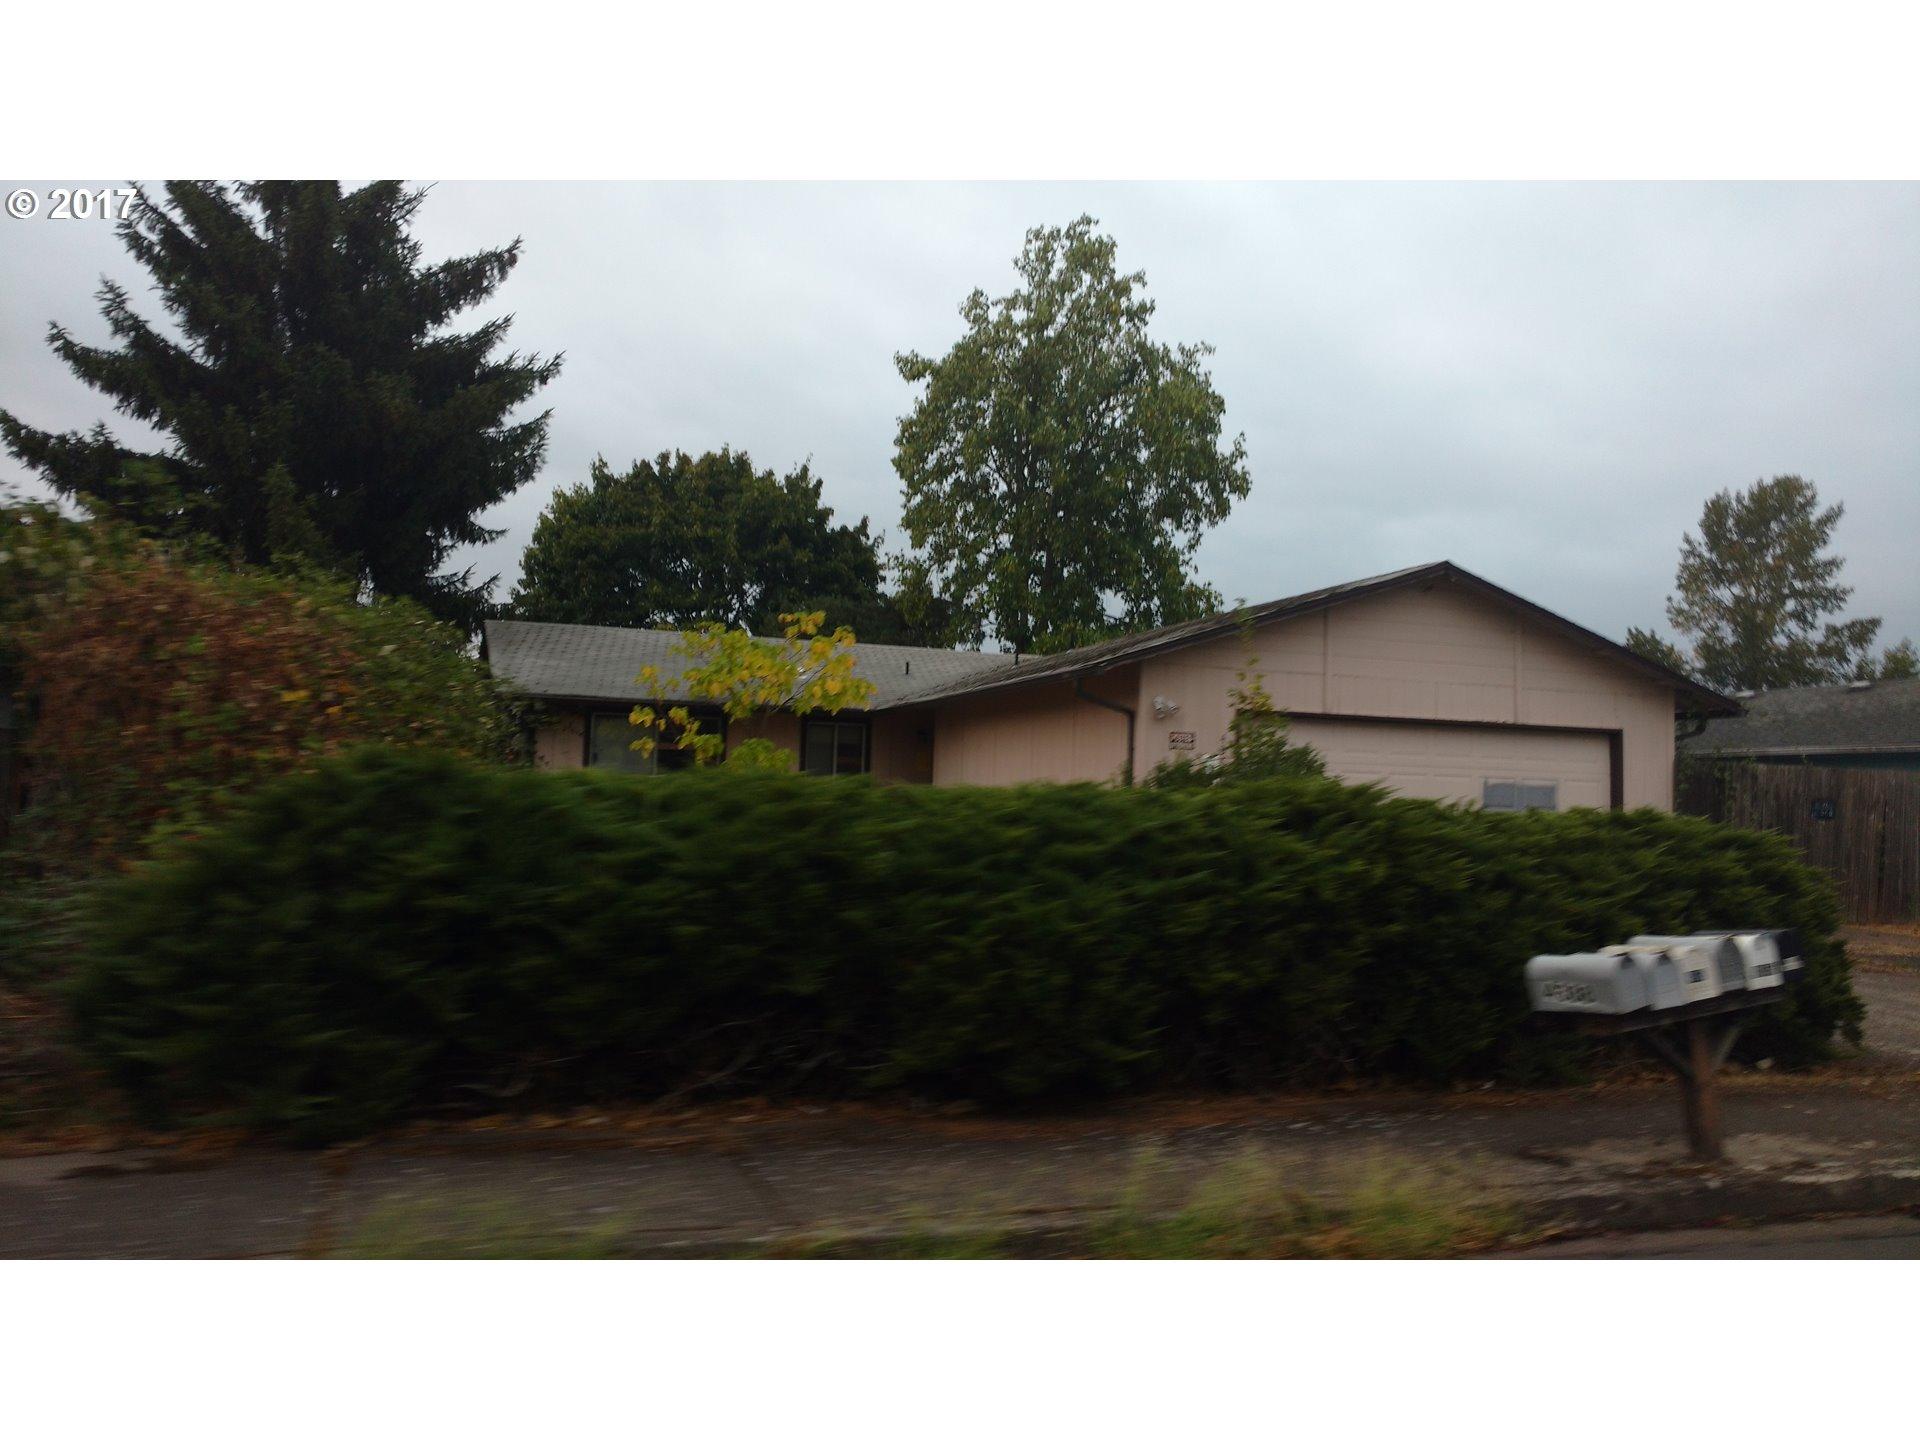 4361 HILTON DR, Eugene OR 97402